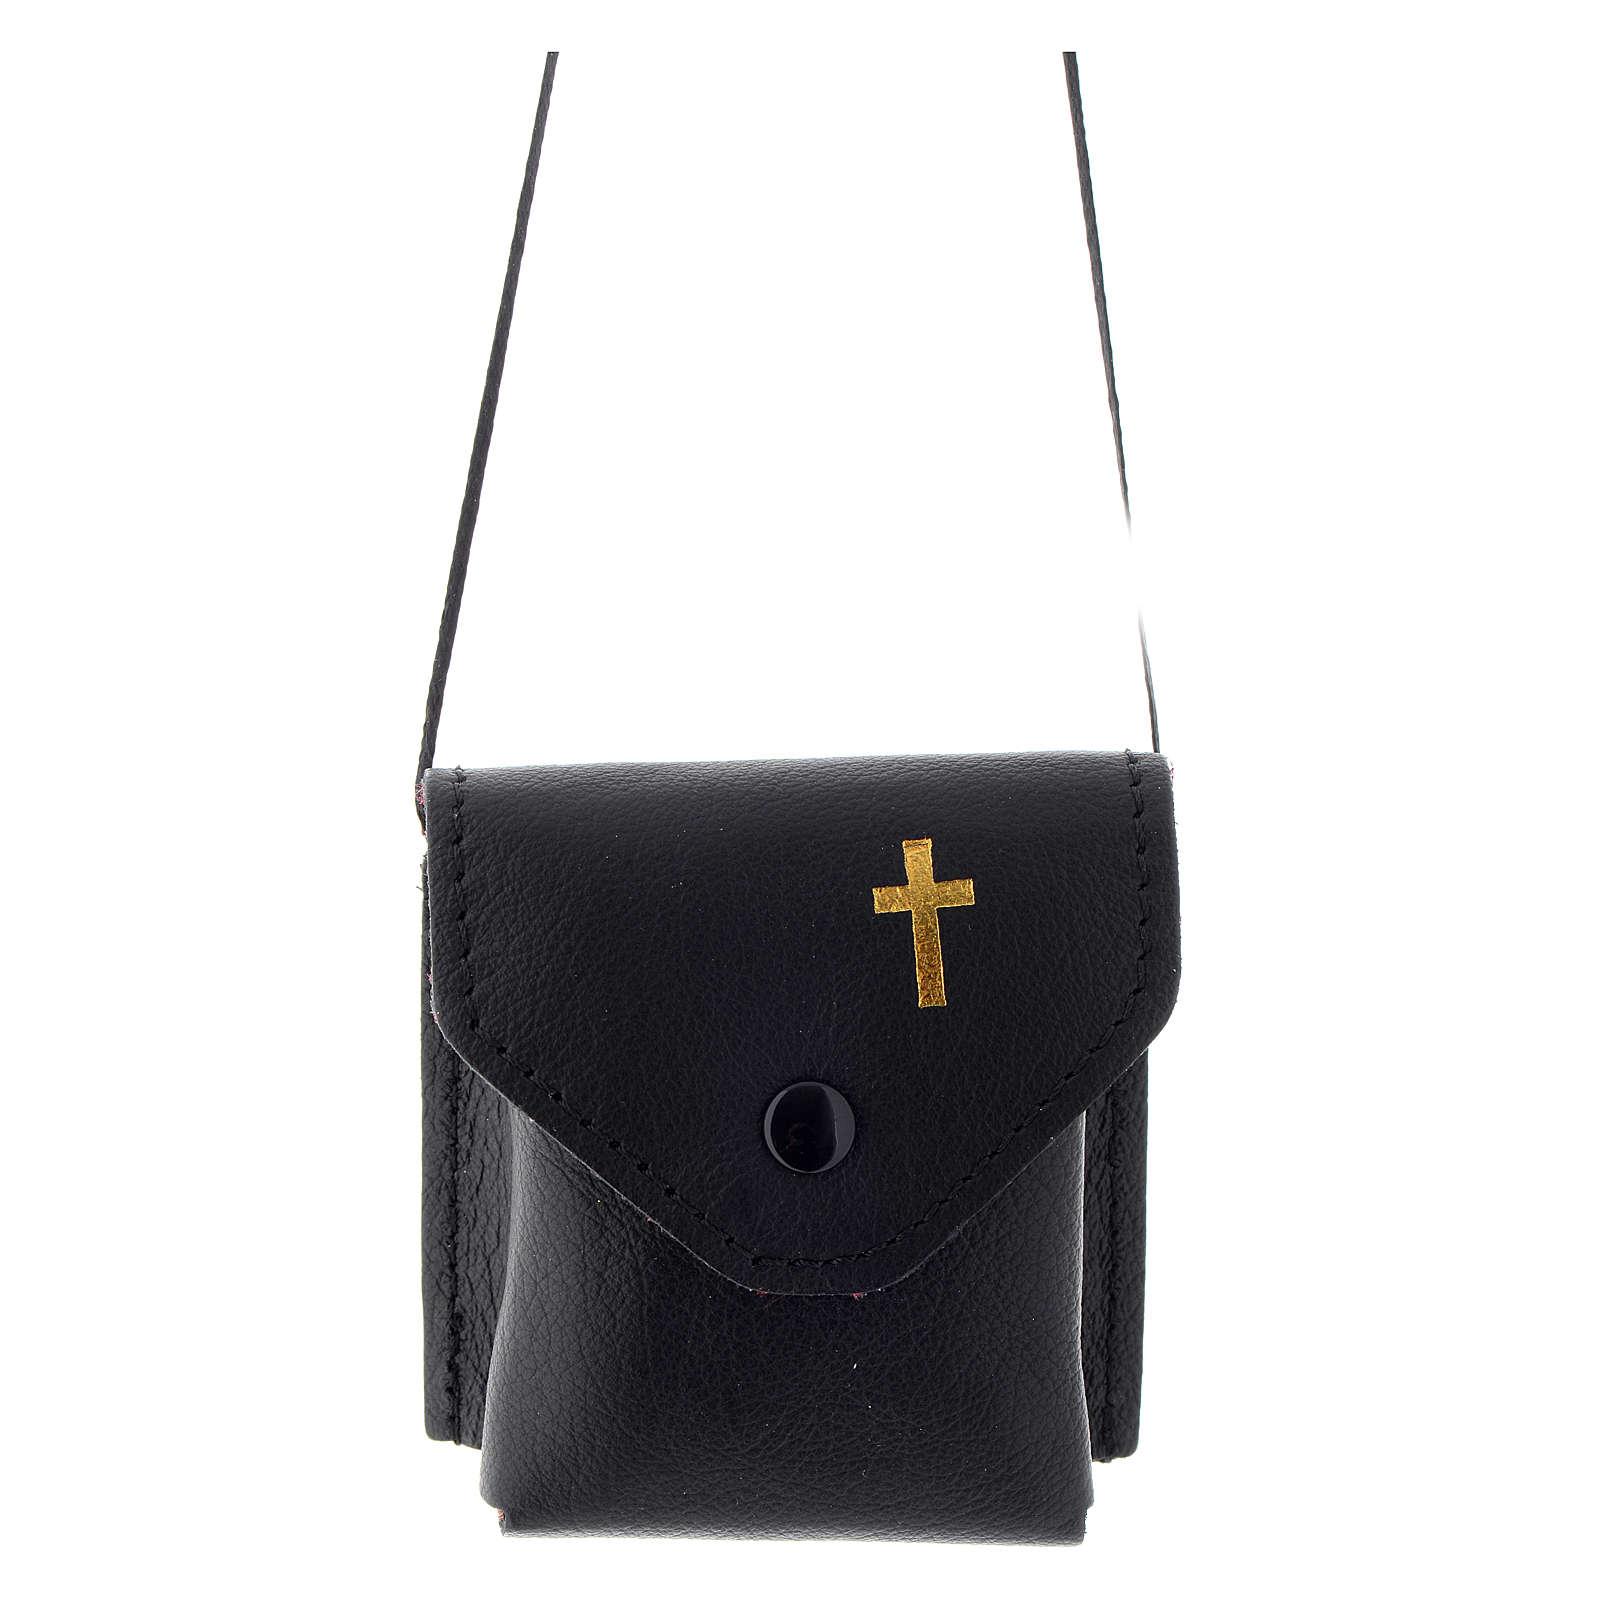 Portateca nero 7x7,5 cm vera pelle 3